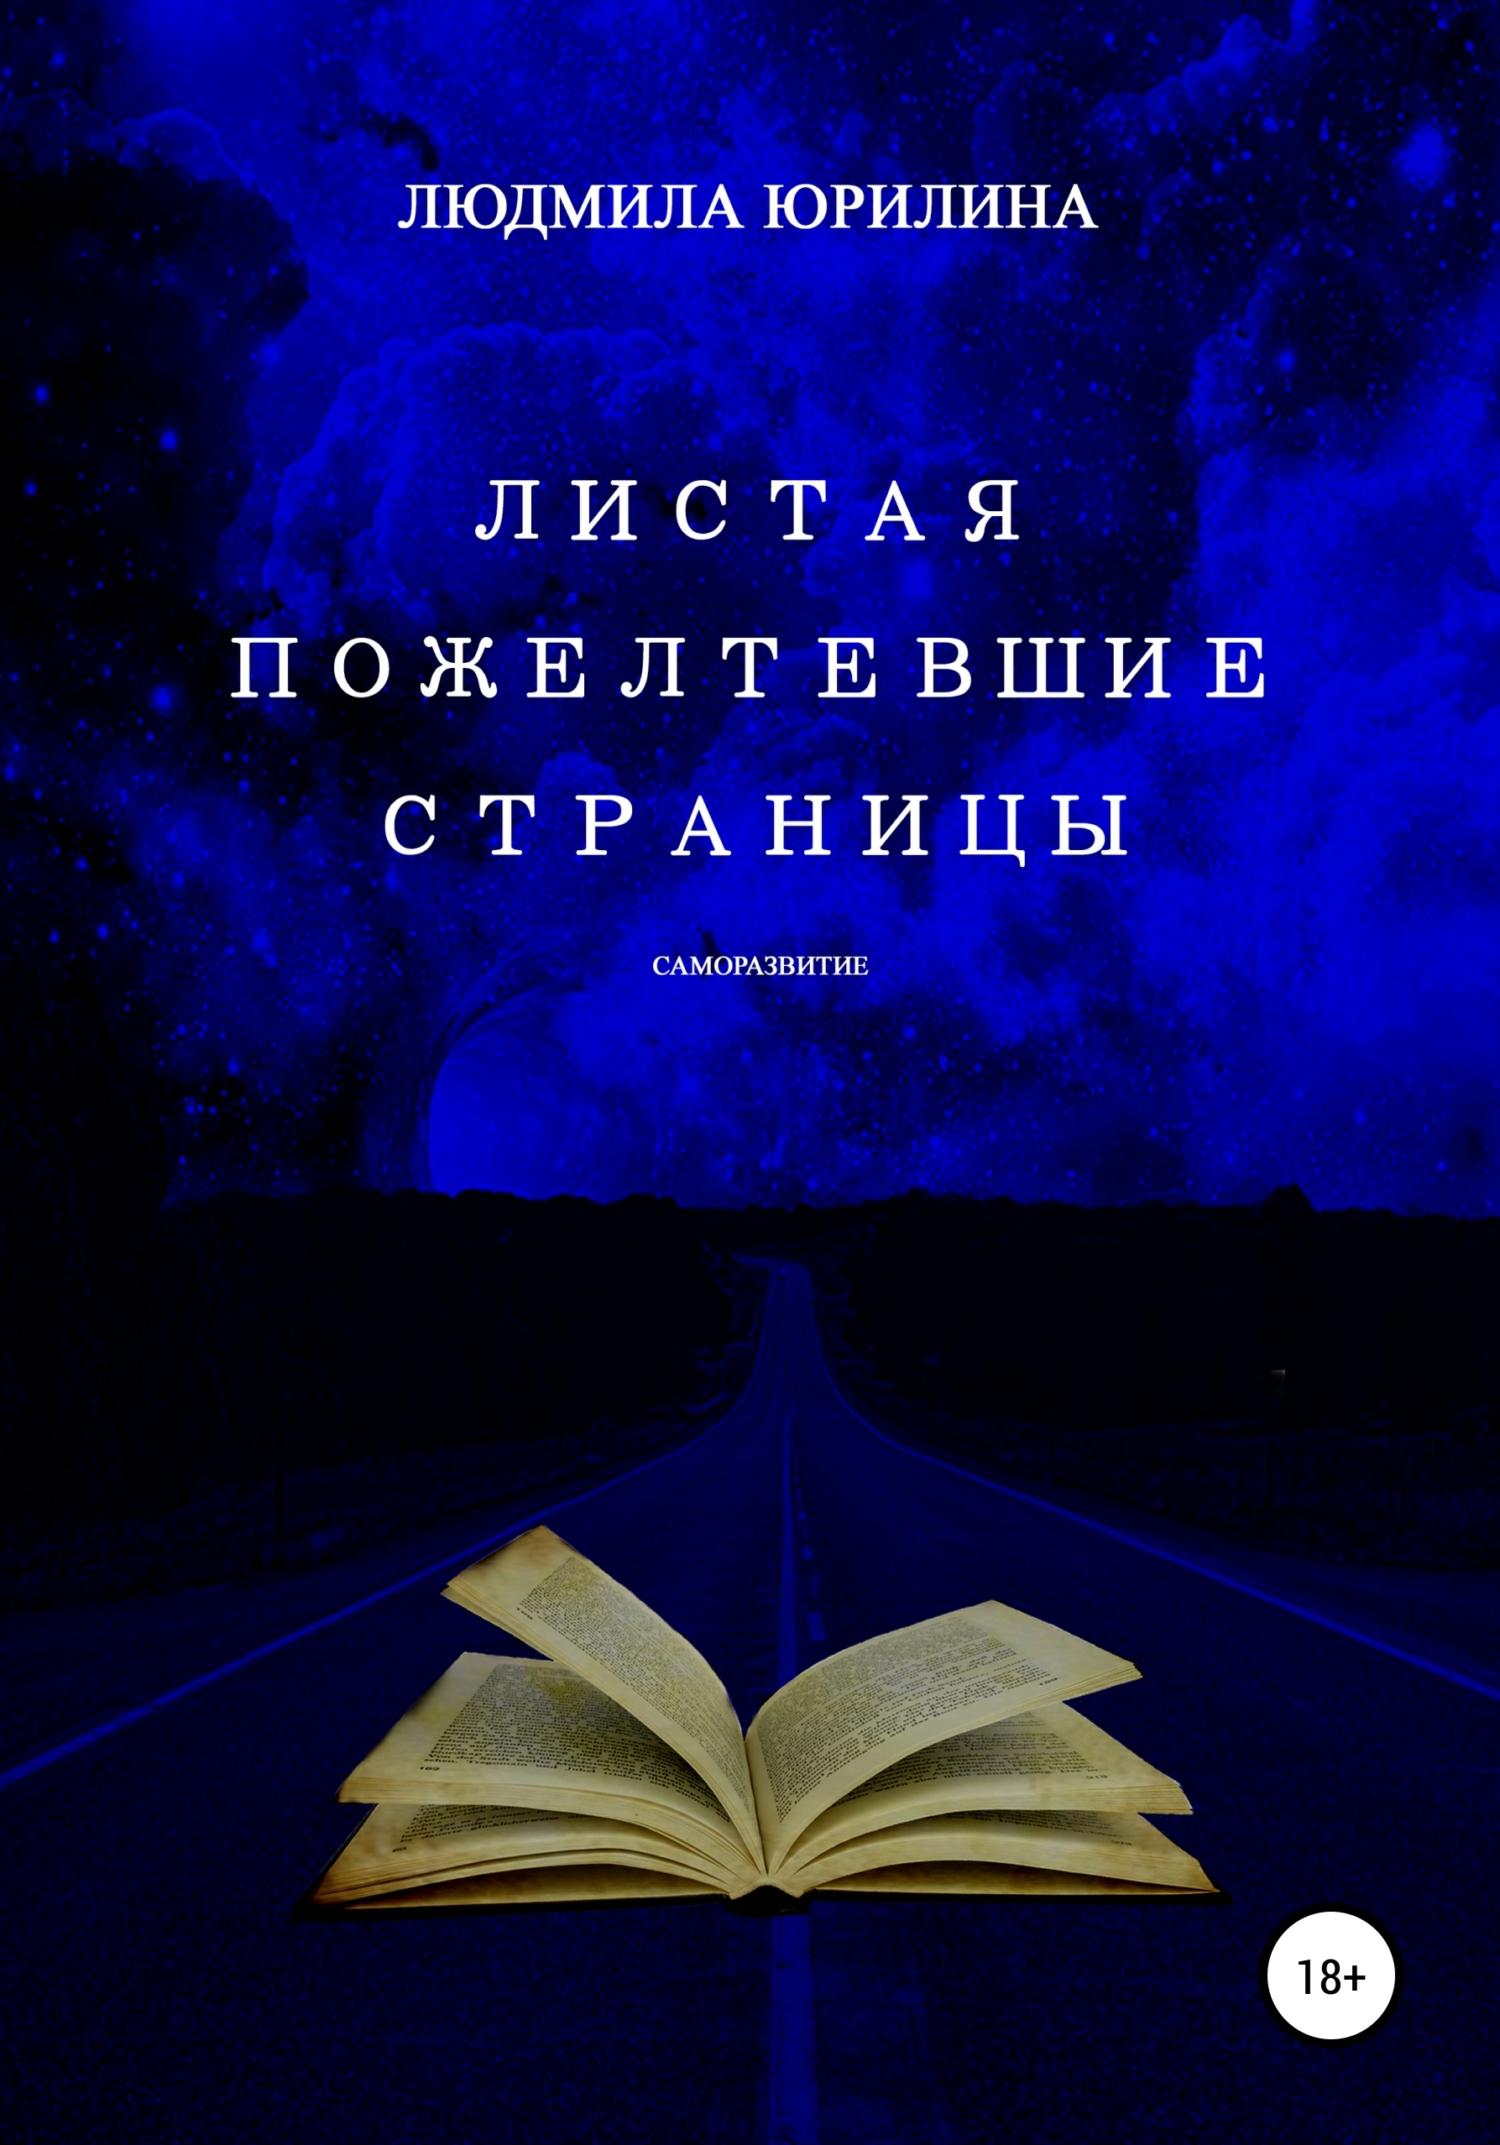 Людмила Владимировна Юрилина Листая пожелтевшие страницы